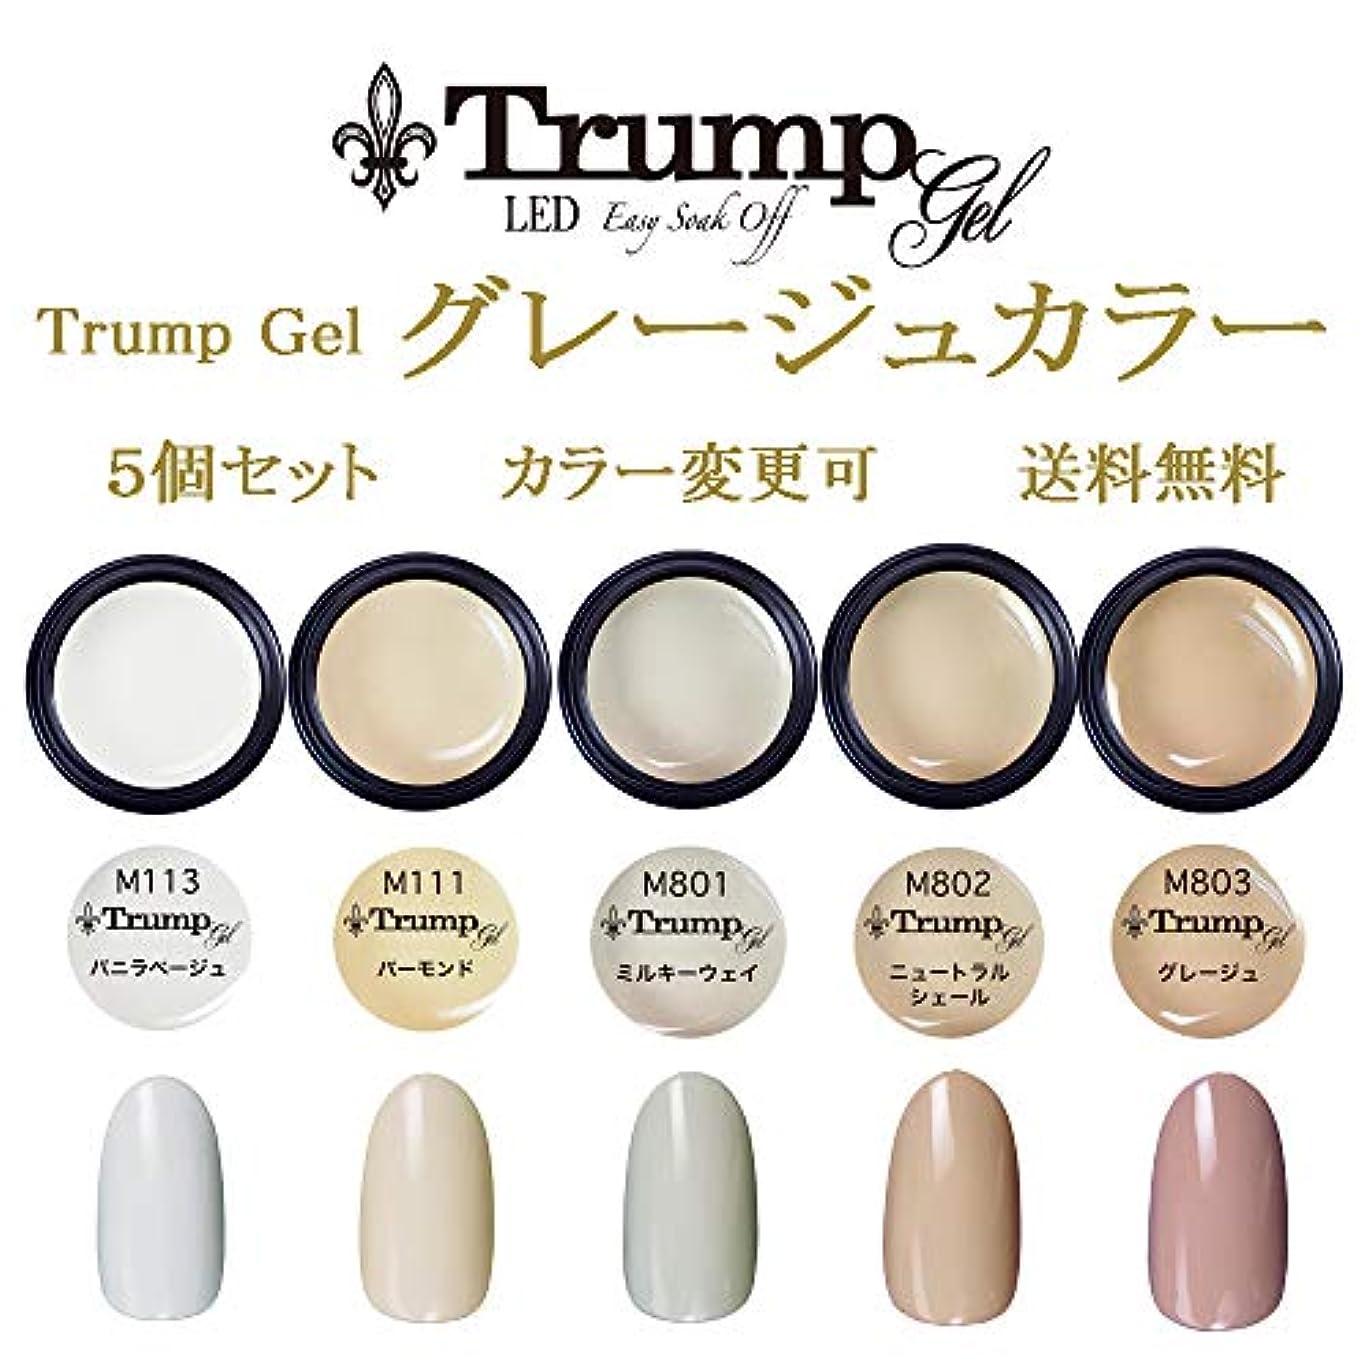 とげサークル憂鬱な日本製 Trump gel トランプジェル グレージュカラー 選べる カラージェル 5個セット ホワイト ベージュ ピンク スモーク